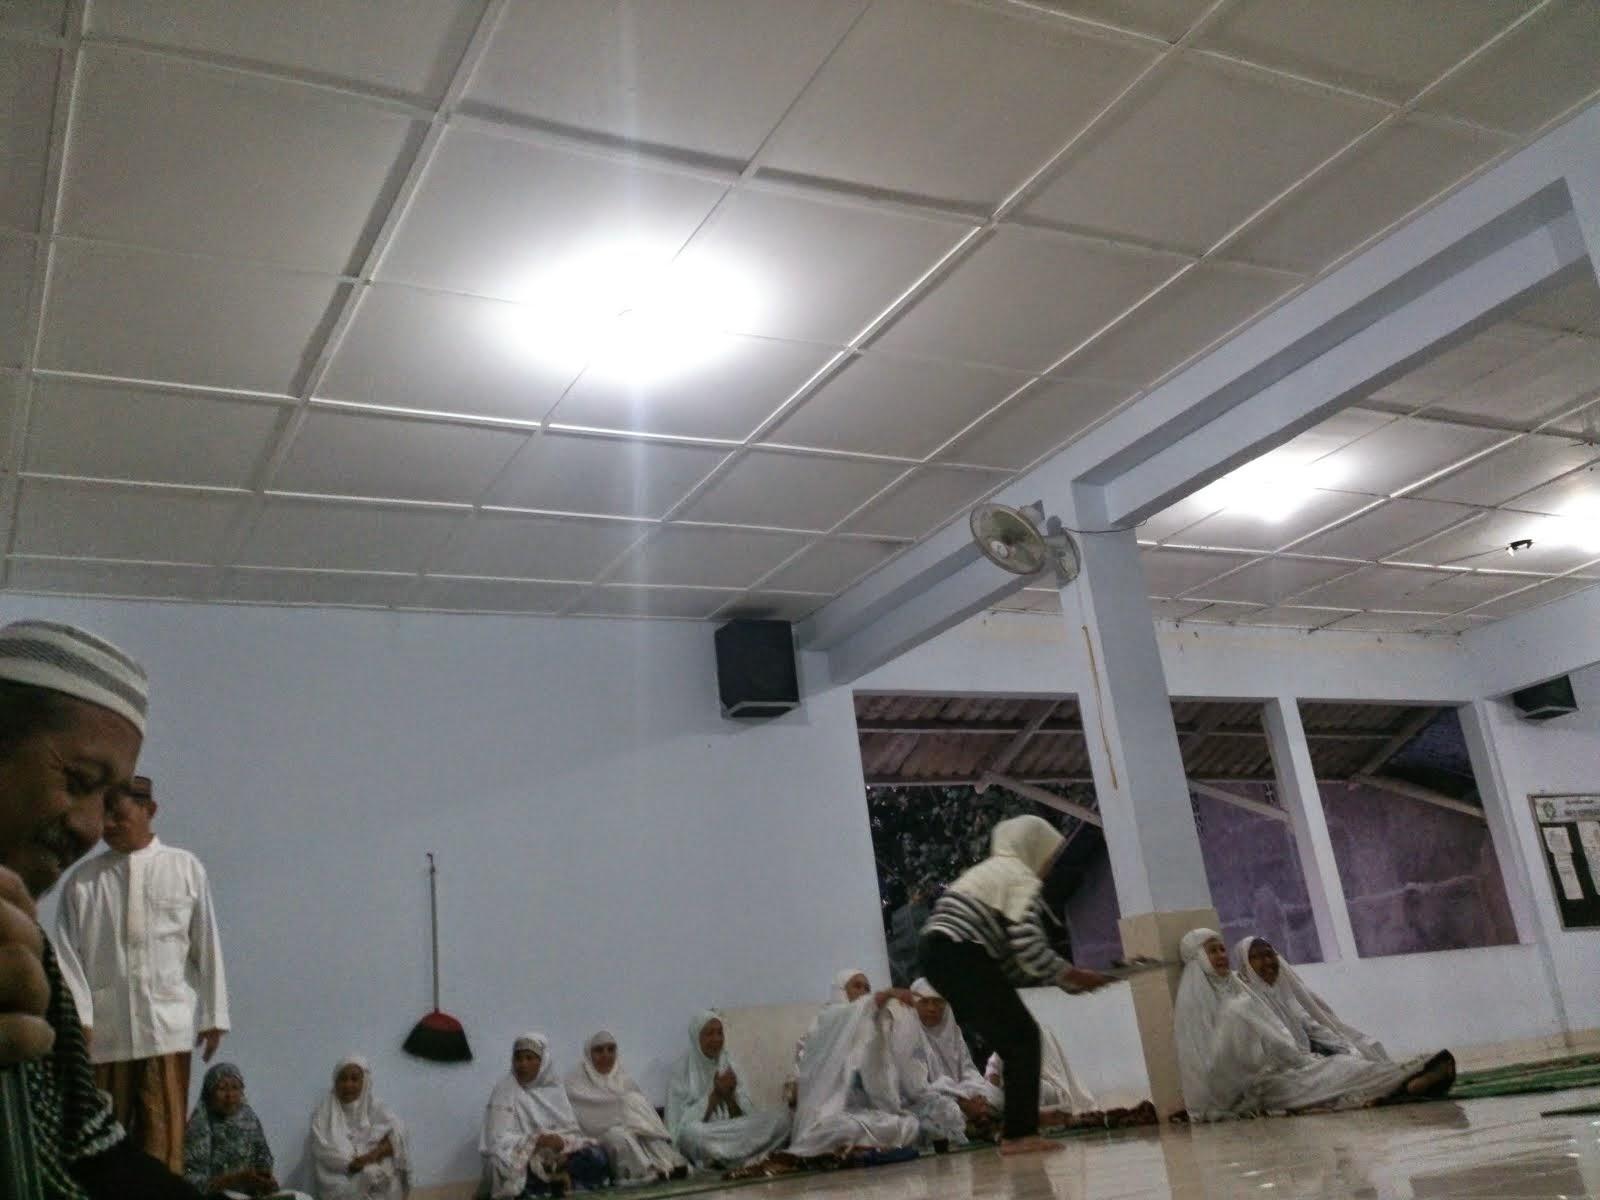 Ngobar Assalam